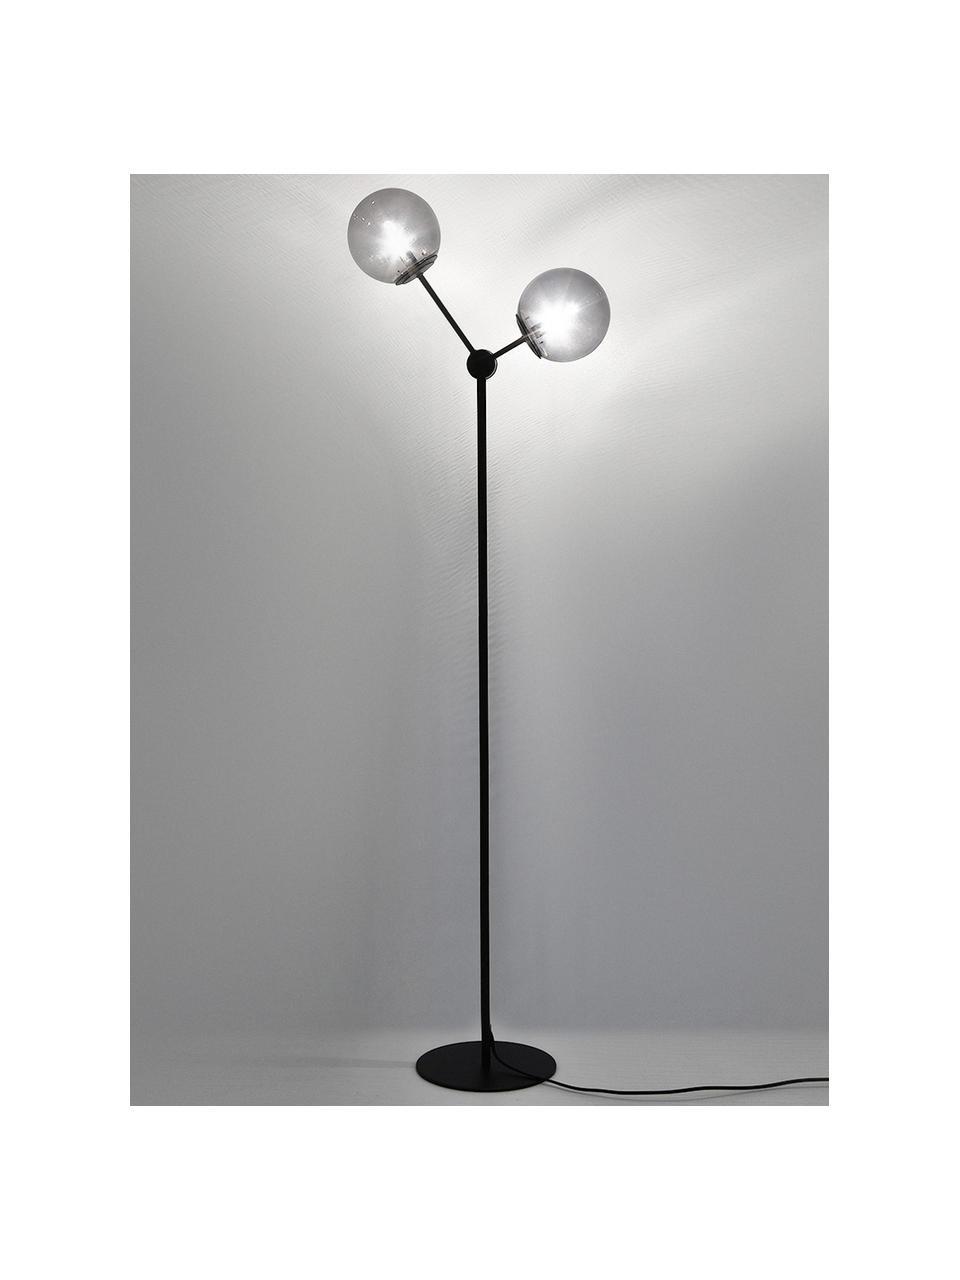 Industrial-Stehlampe Aurelia in Schwarz, Lampenfuß: Metall, pulverbeschichtet, Schwarz, Grau, Ø 17 x H 155 cm